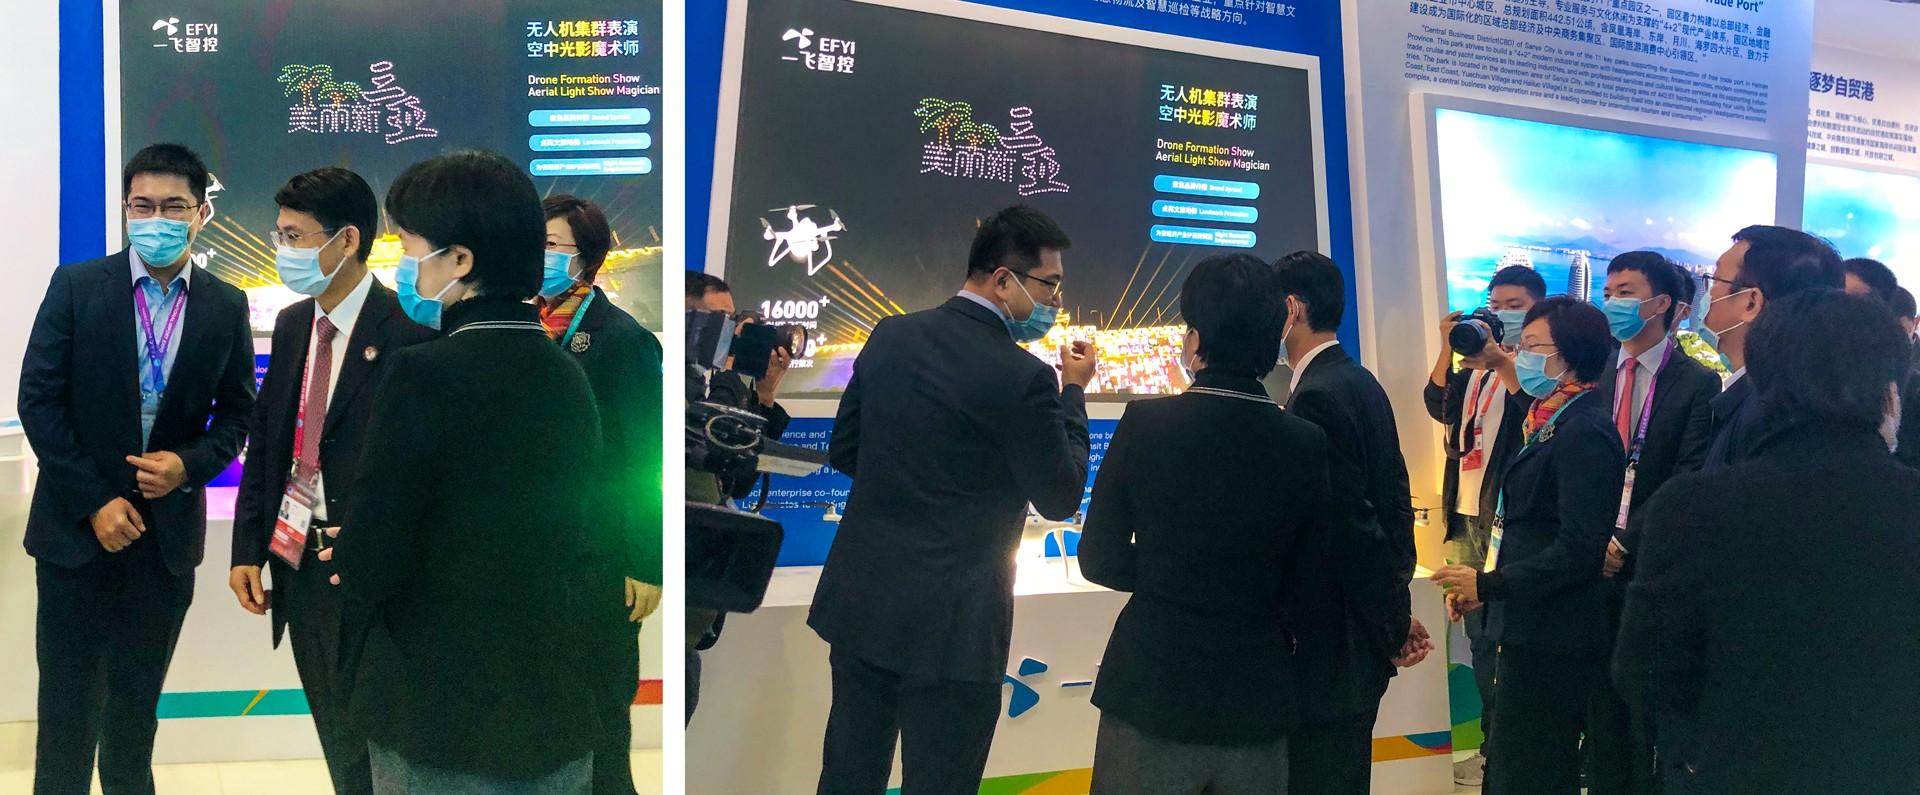 第三届中国国际进口博览会开幕,一飞智控携新一代集群无人机亮相